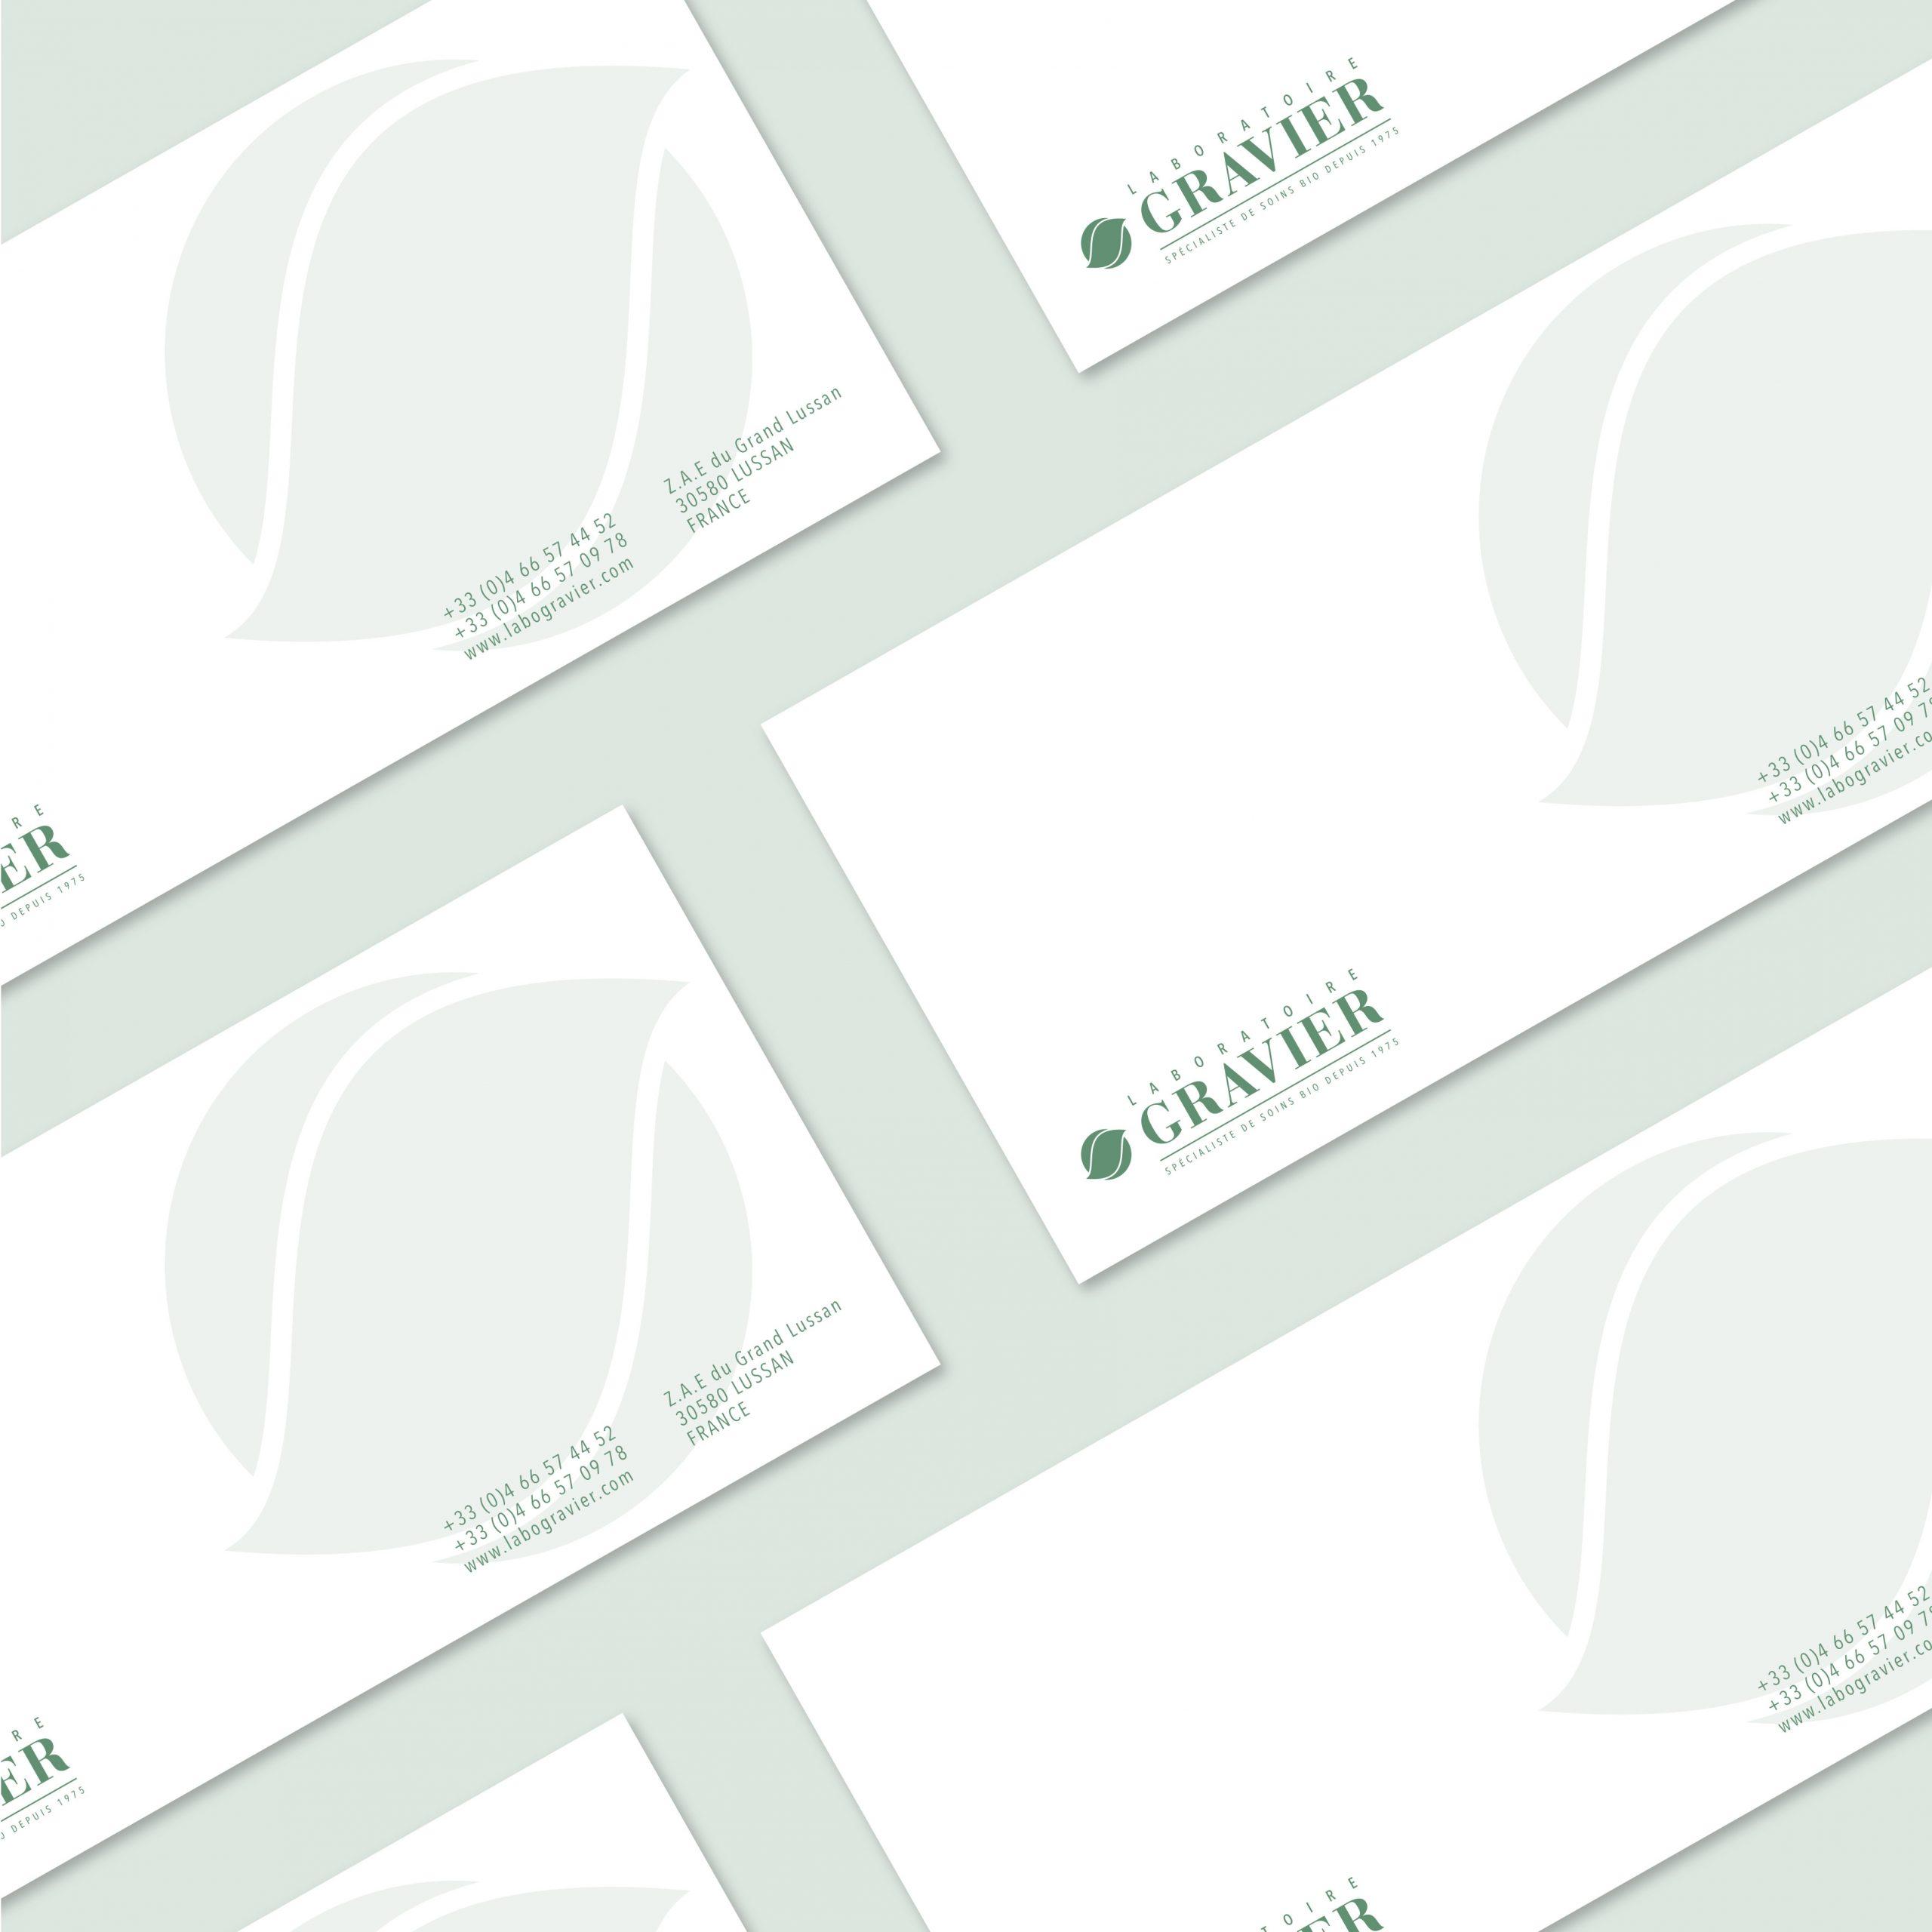 Création Carte de correspondance Labo GRAVIER 1703 Factory